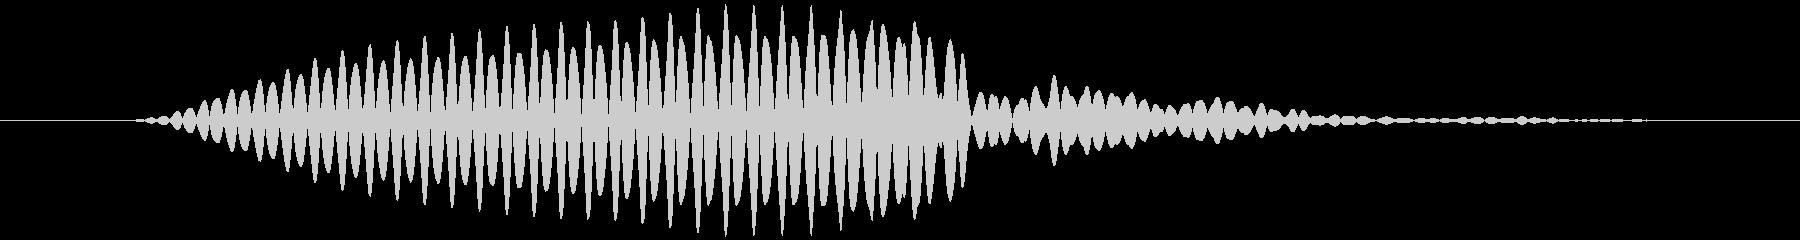 拭く、磨く キュッ (低め)の未再生の波形